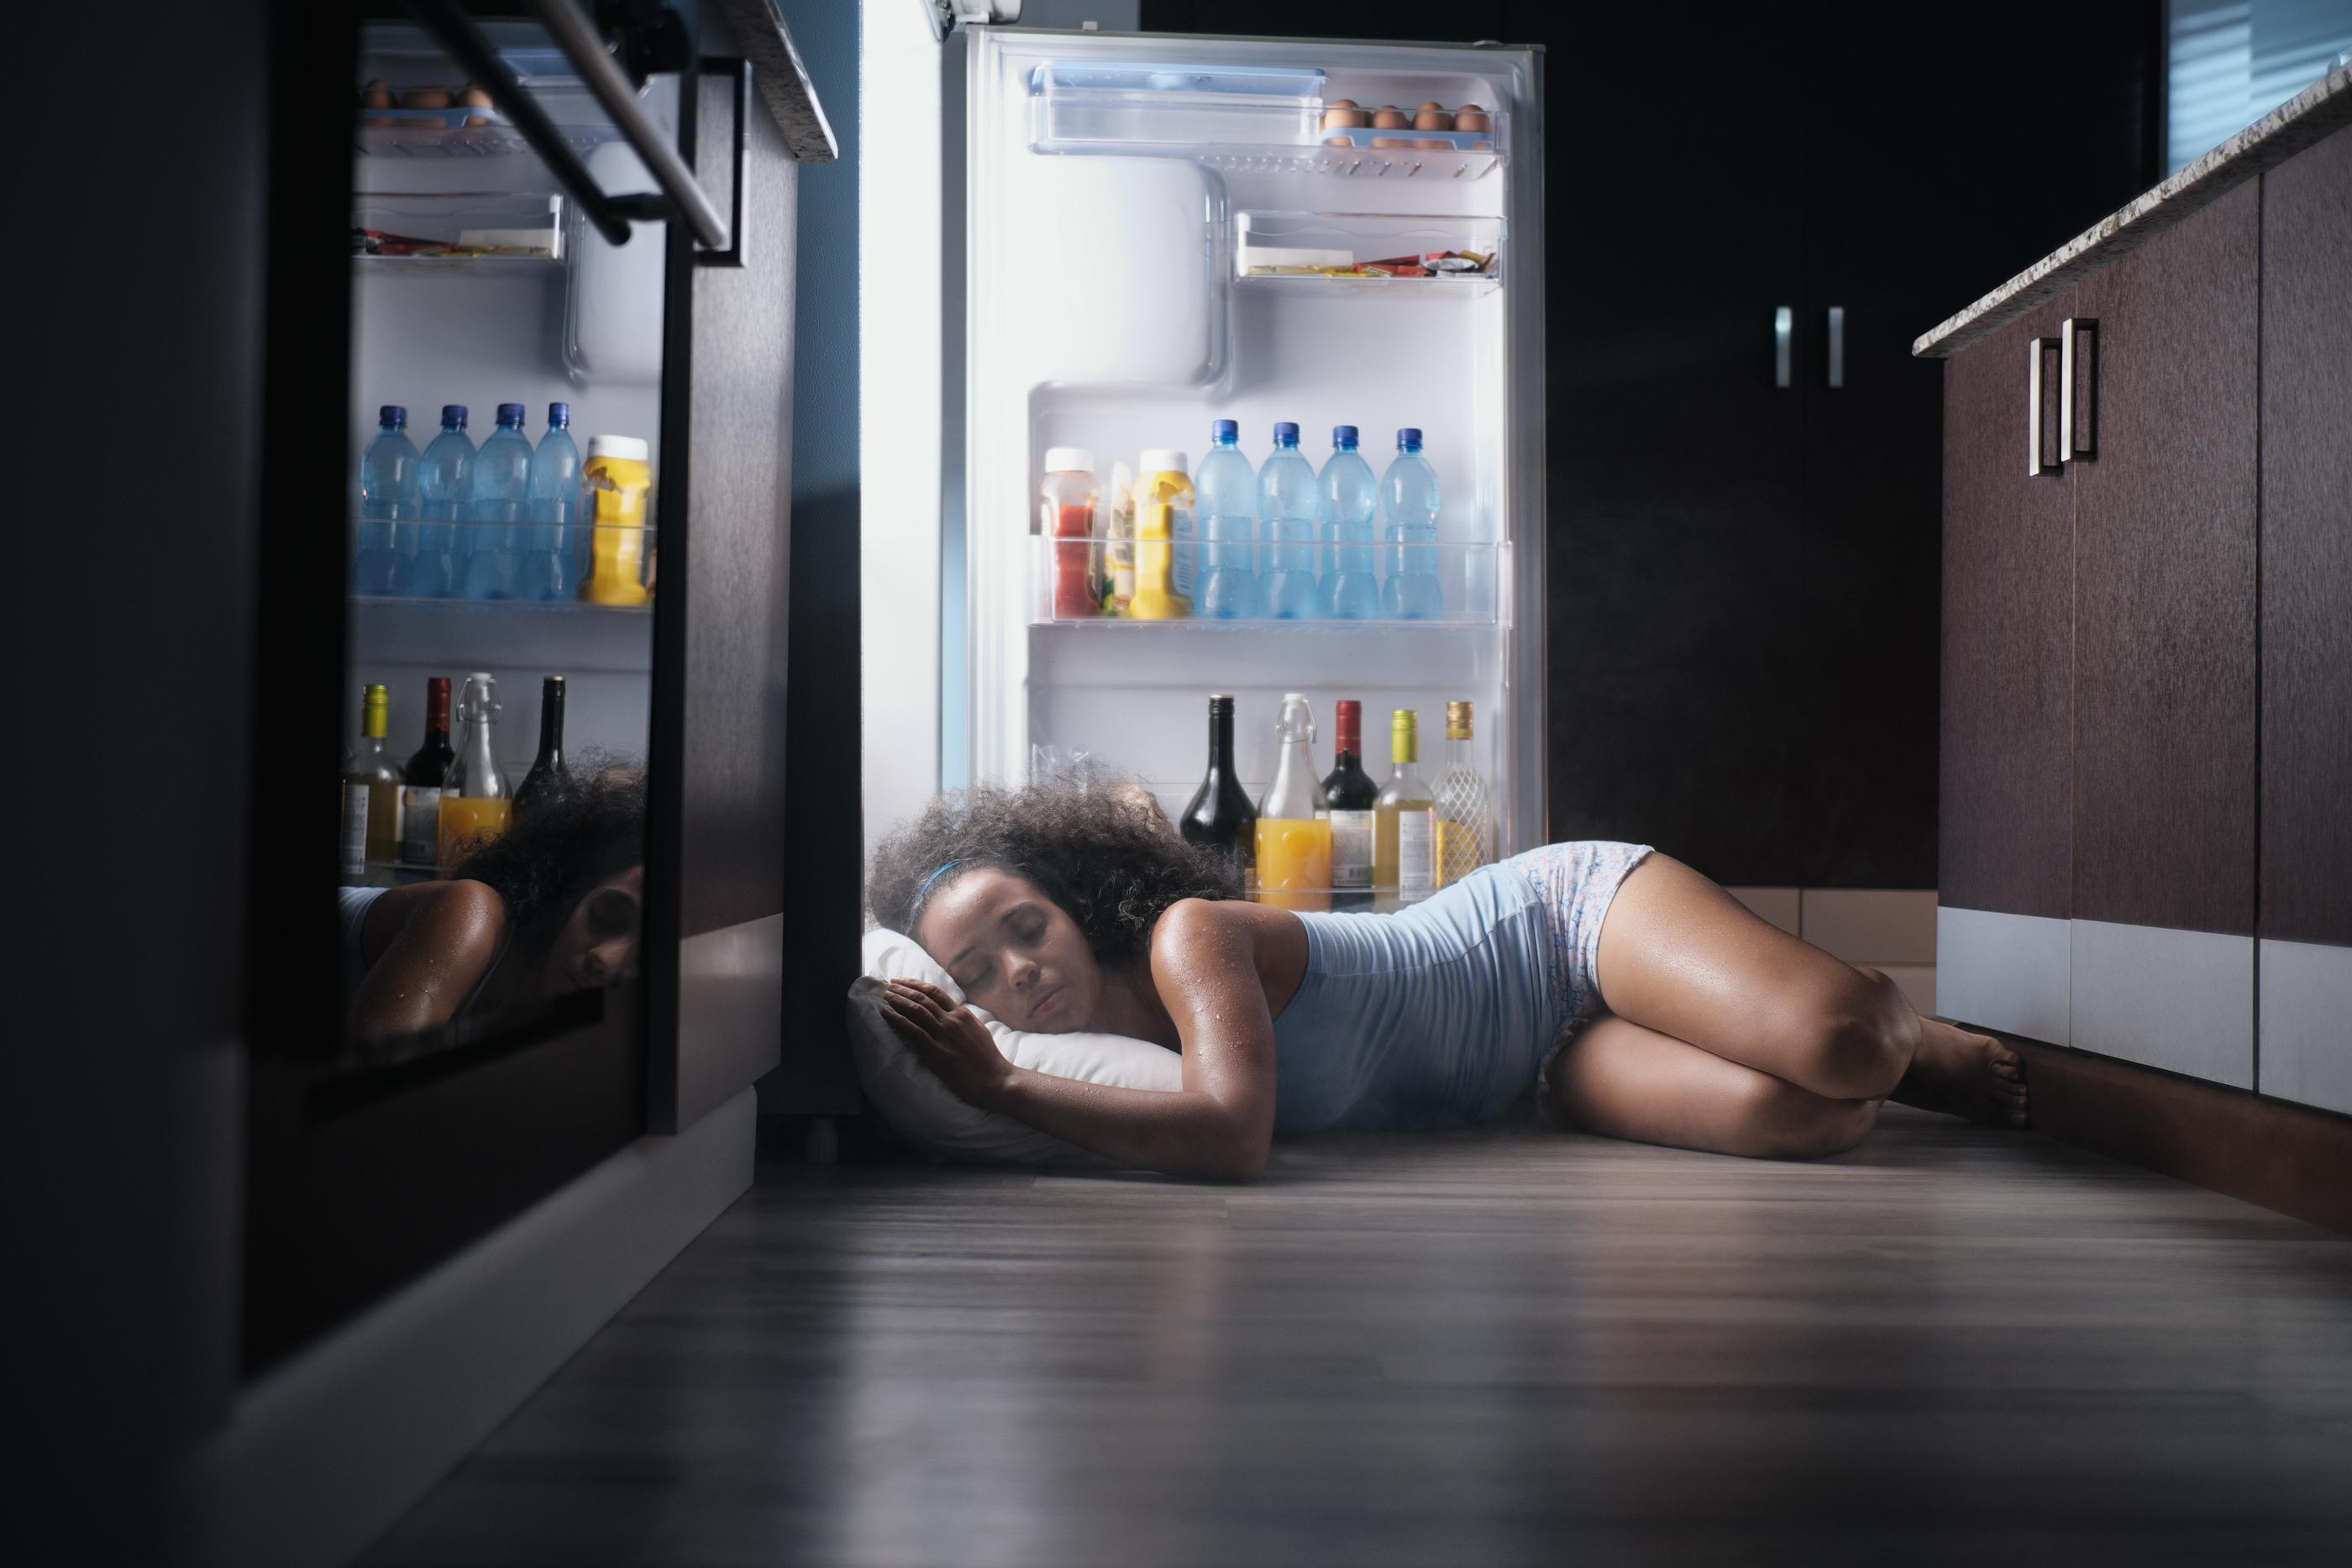 Com temperaturas perto dos 40ºC em alguns lugares do Brasil, cada pessoa escolhe sua maneira para despistar o calor. Foto: Bigstock